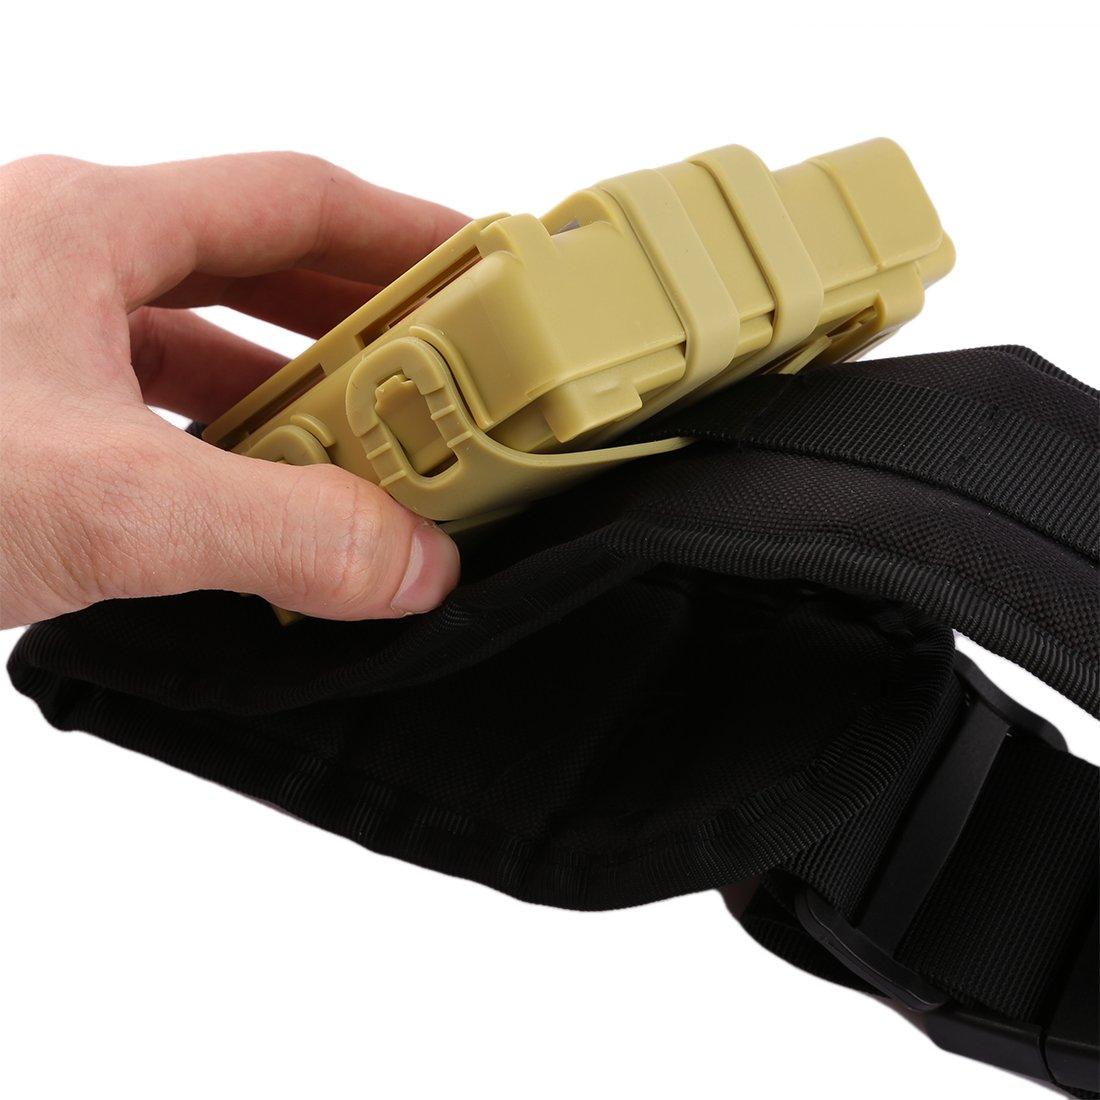 Mecotech 4 Stück 12-Dart Bullet Bullet Bullet Clip Magazin mit 2 Stück Mag Halter Holster und 1 Taktischer Gürtel Zubehör Set für Nerf Spielzeugpistole dbead5